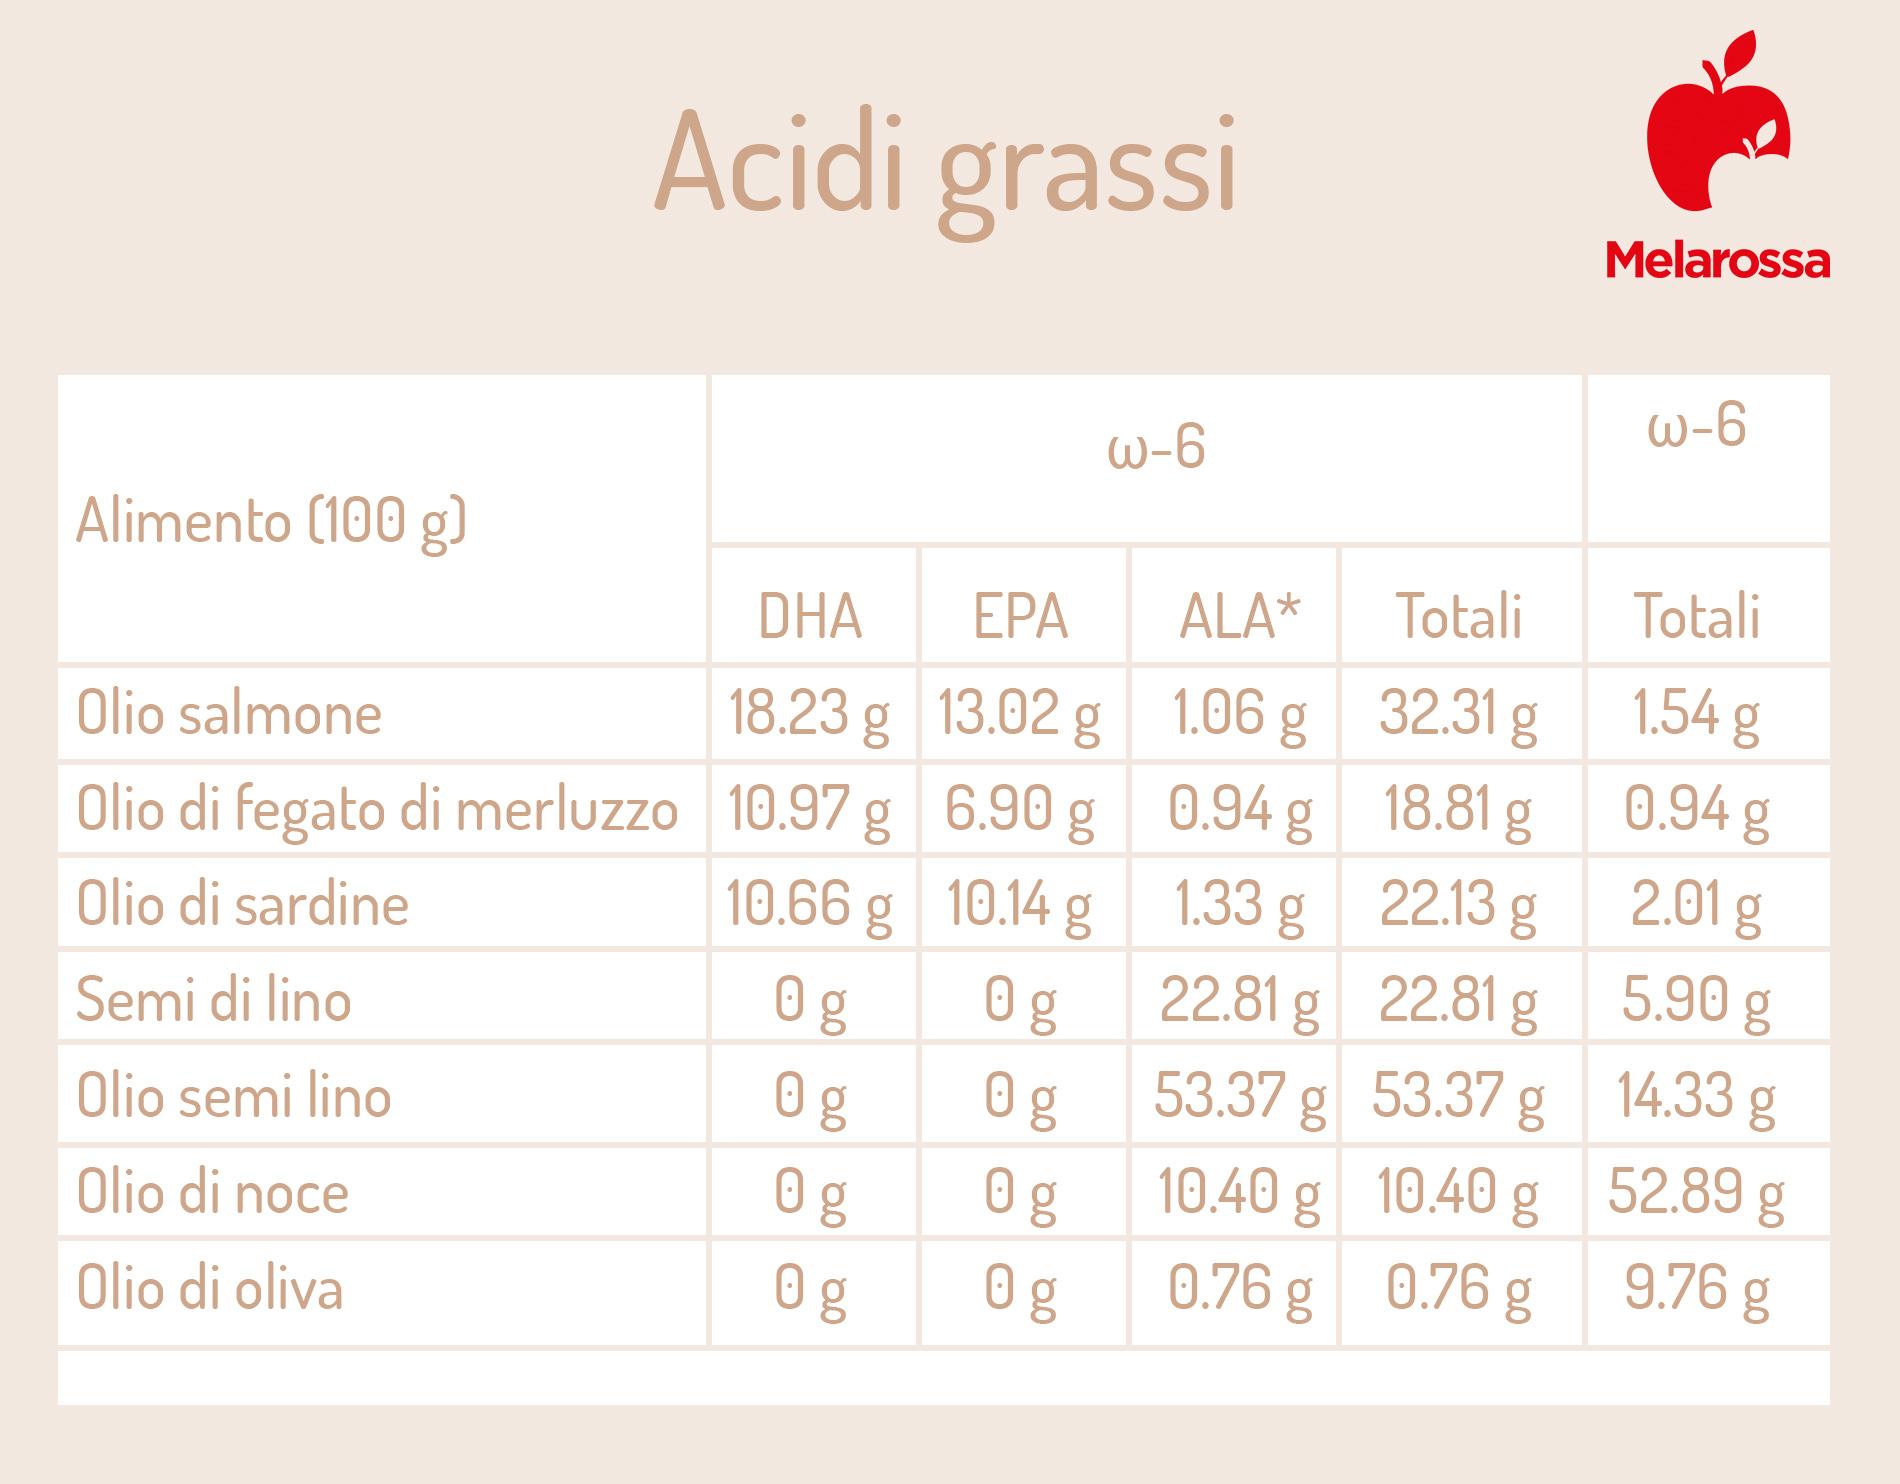 acidi grassi dei semi di lino